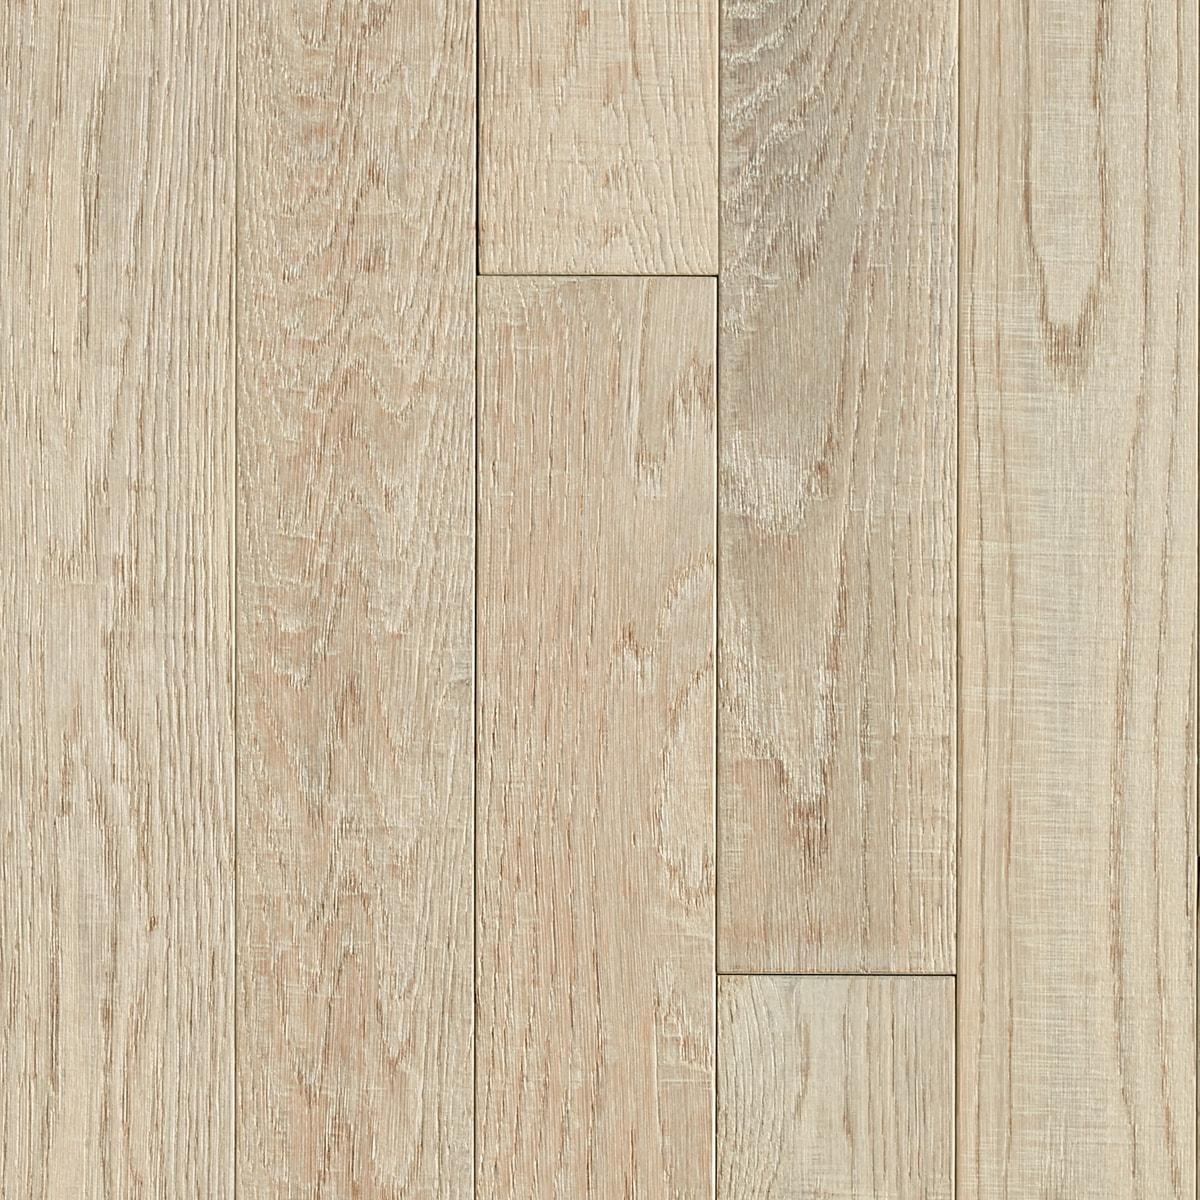 Greenbrier hardwood floor